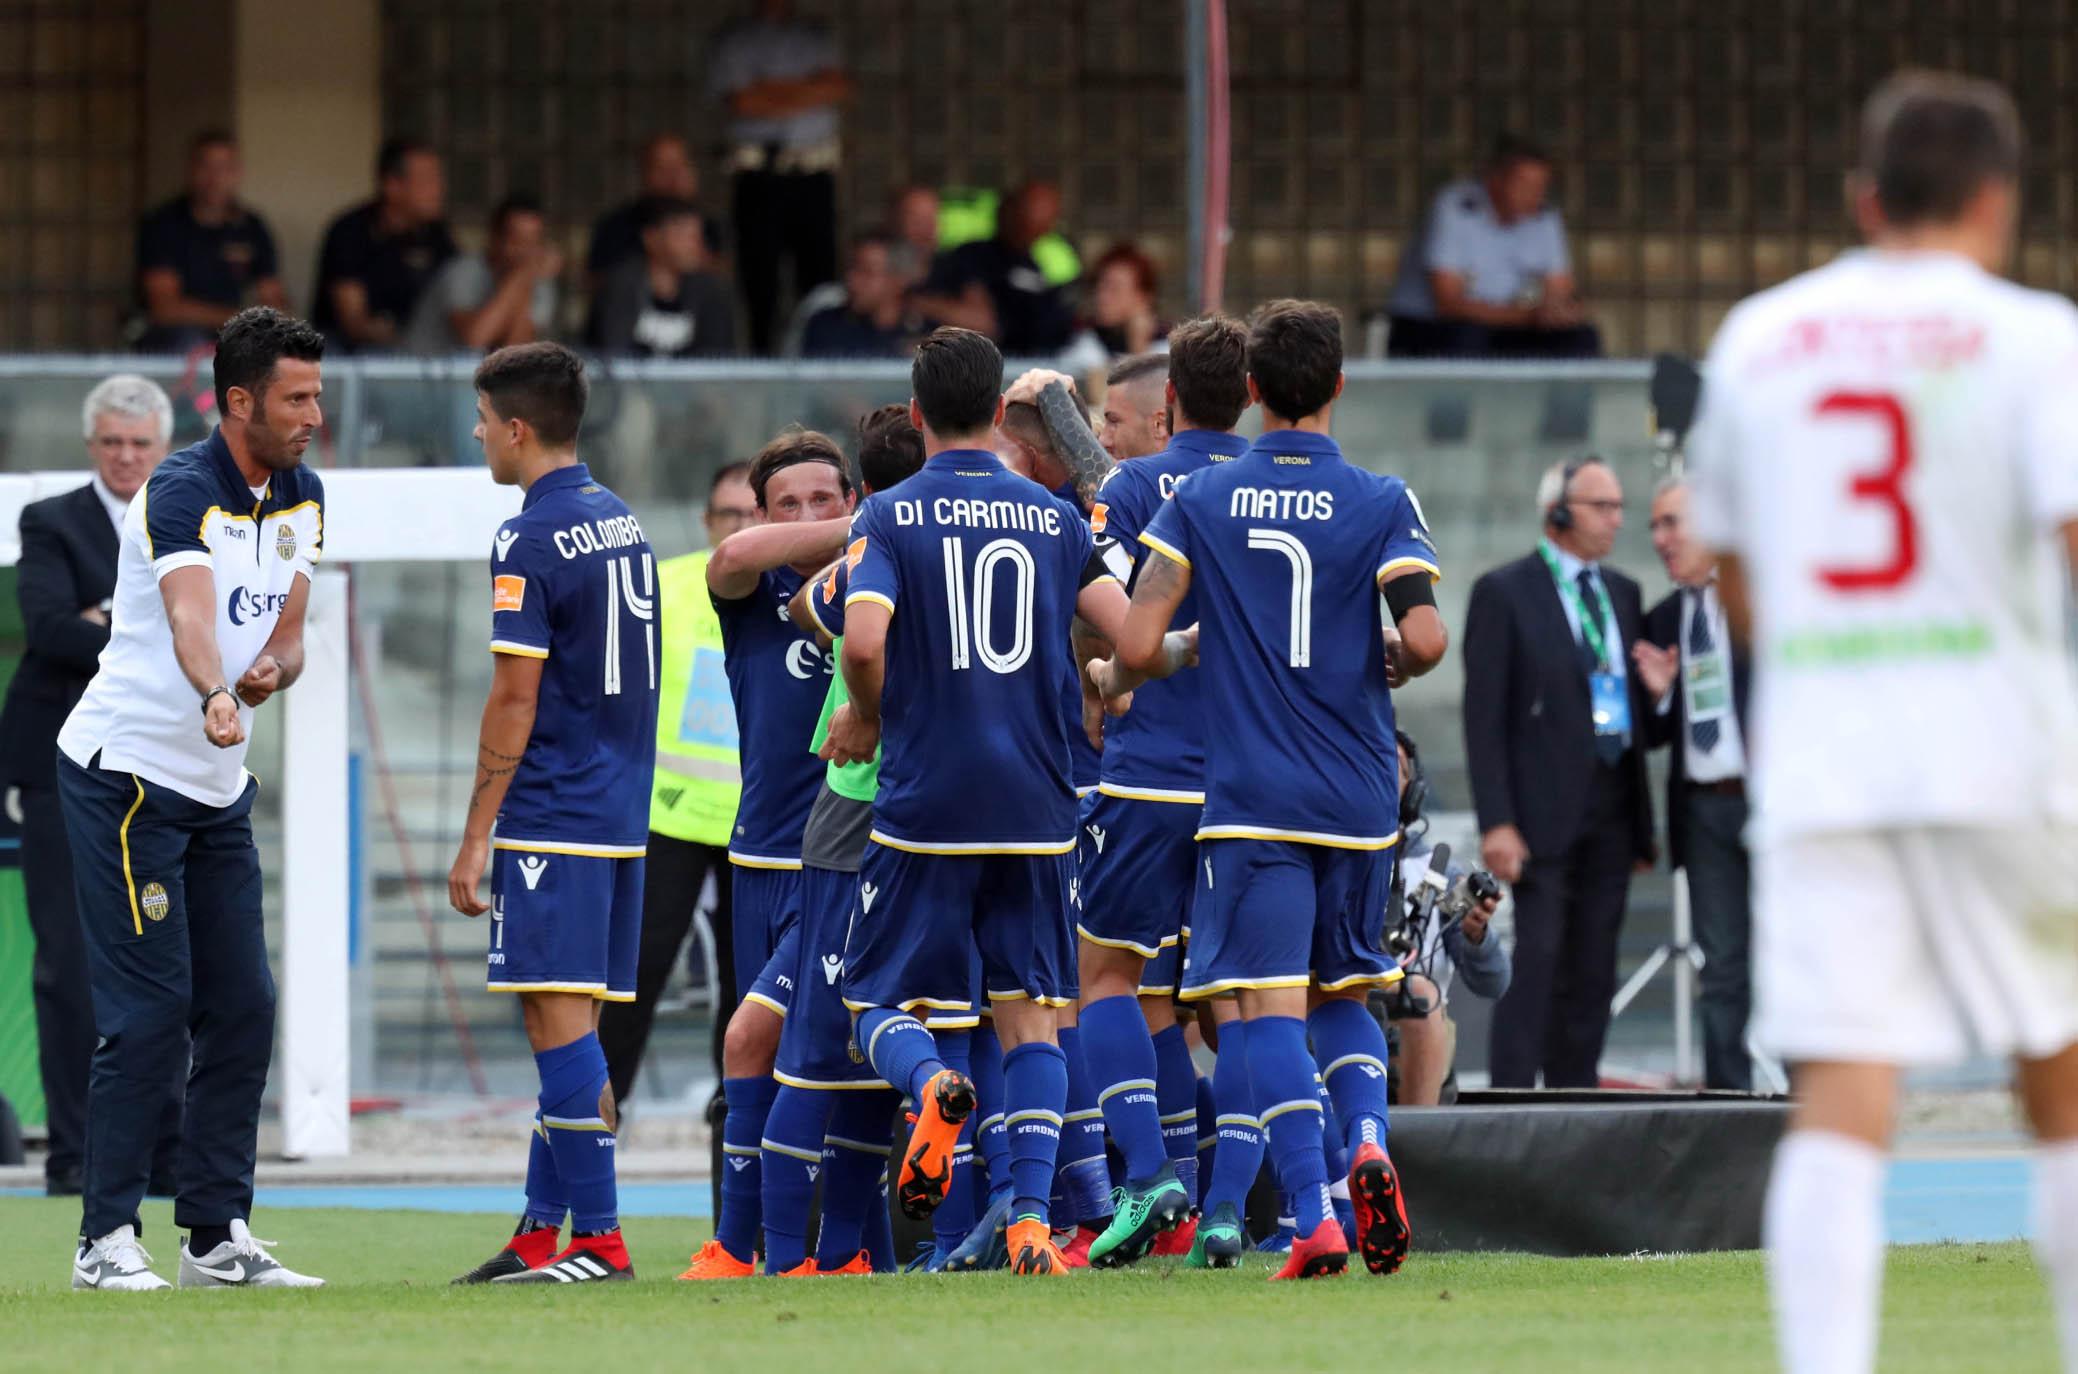 Hellas Verona-Padova, le pagelle dei gialloblù - Calcio Hellas